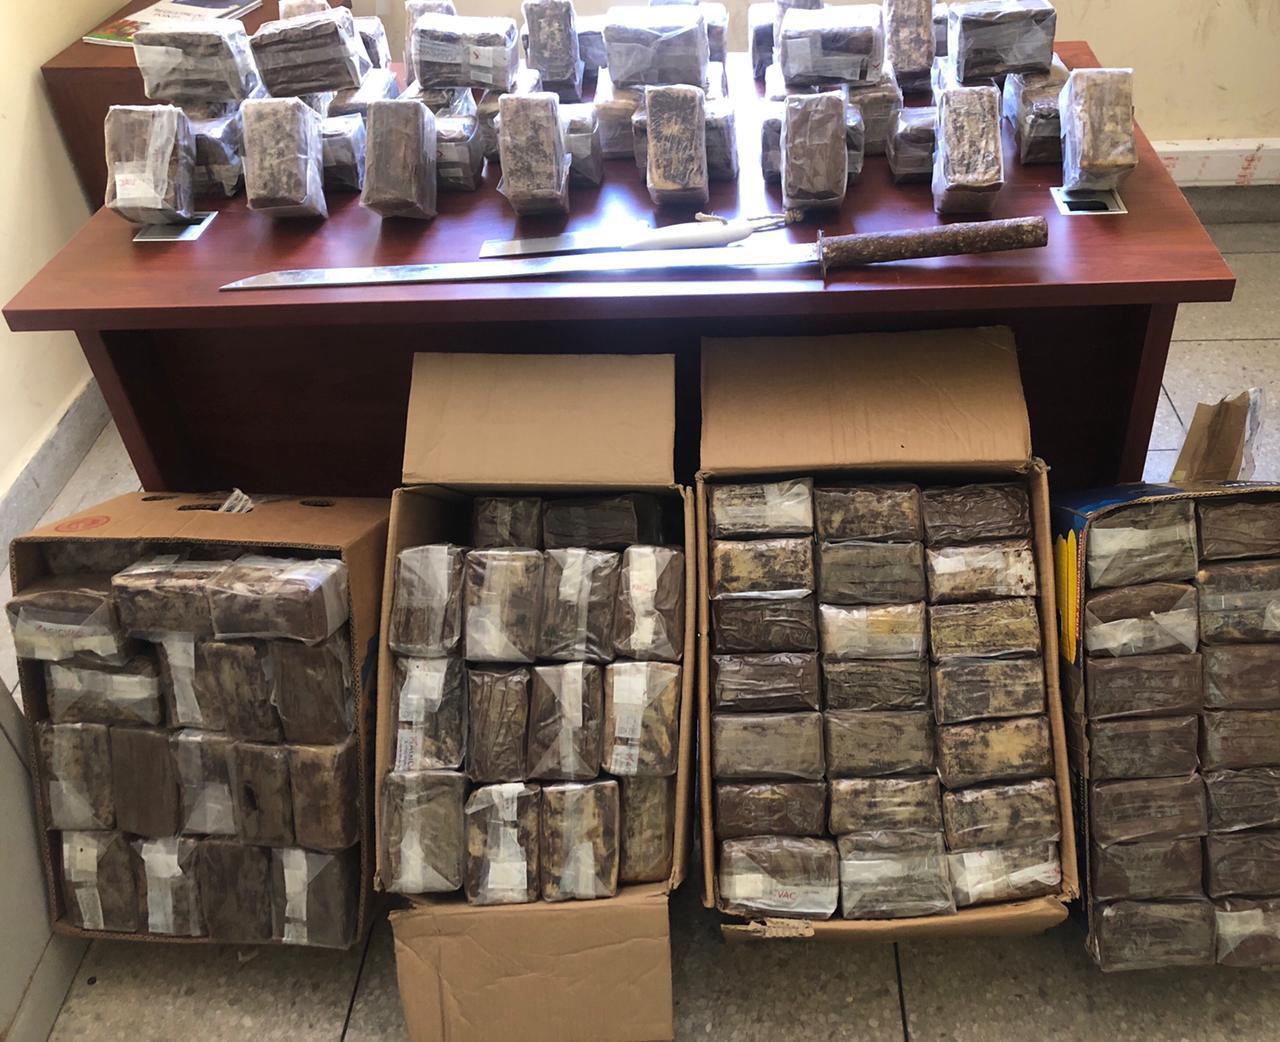 صورة فاس .. إحباط محاولة تهريب 145 كلغ من المخدرات عبر وكالة لنقل للبضائع